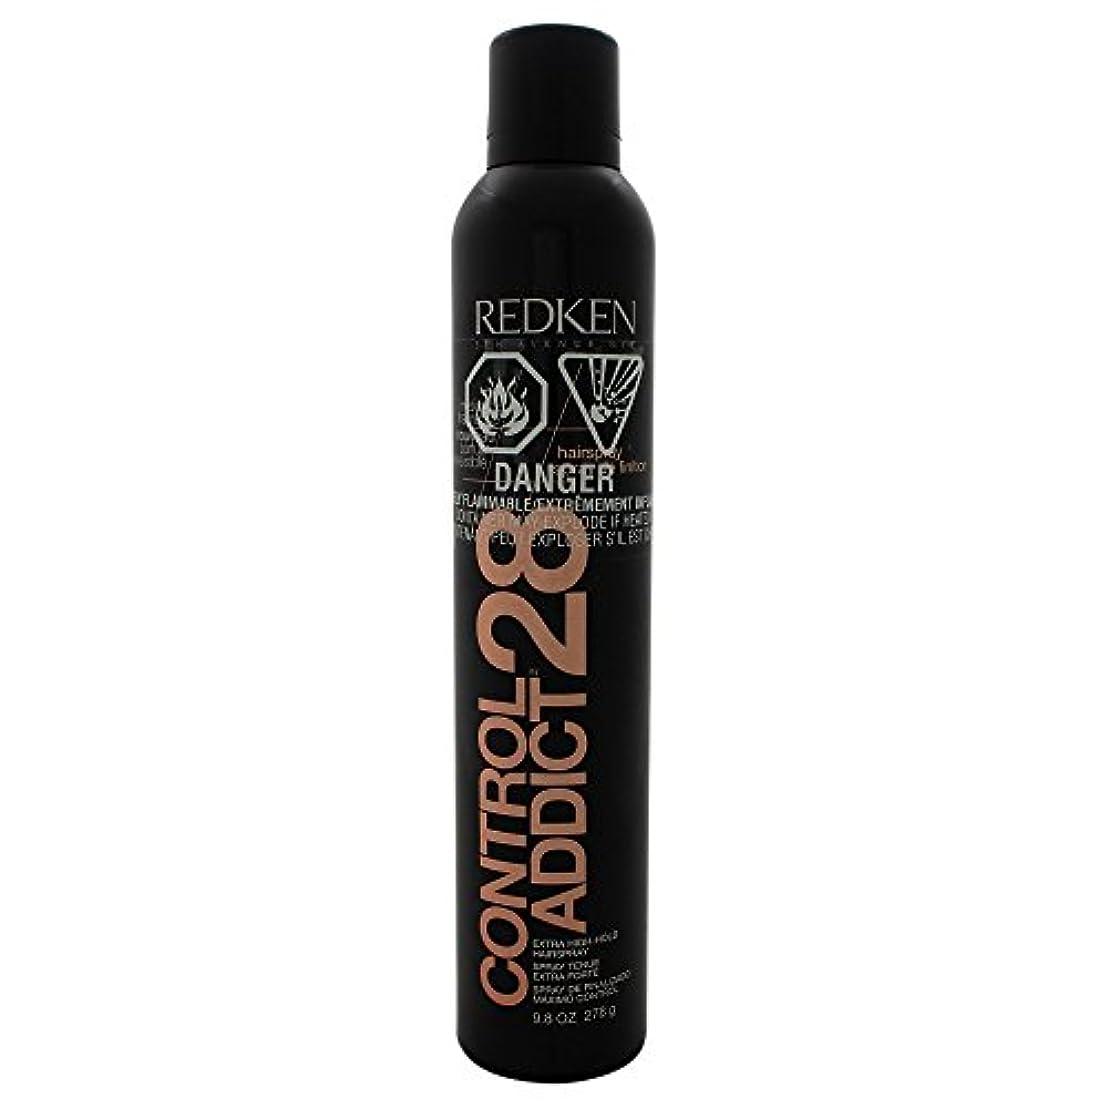 ガード想像力豊かな問い合わせby Redken CONTROL ADDICT 28 EXTRA-HIGH HOLD HAIR SPRAY 9.8 OZ(BLACK PACKAGING) by REDKEN